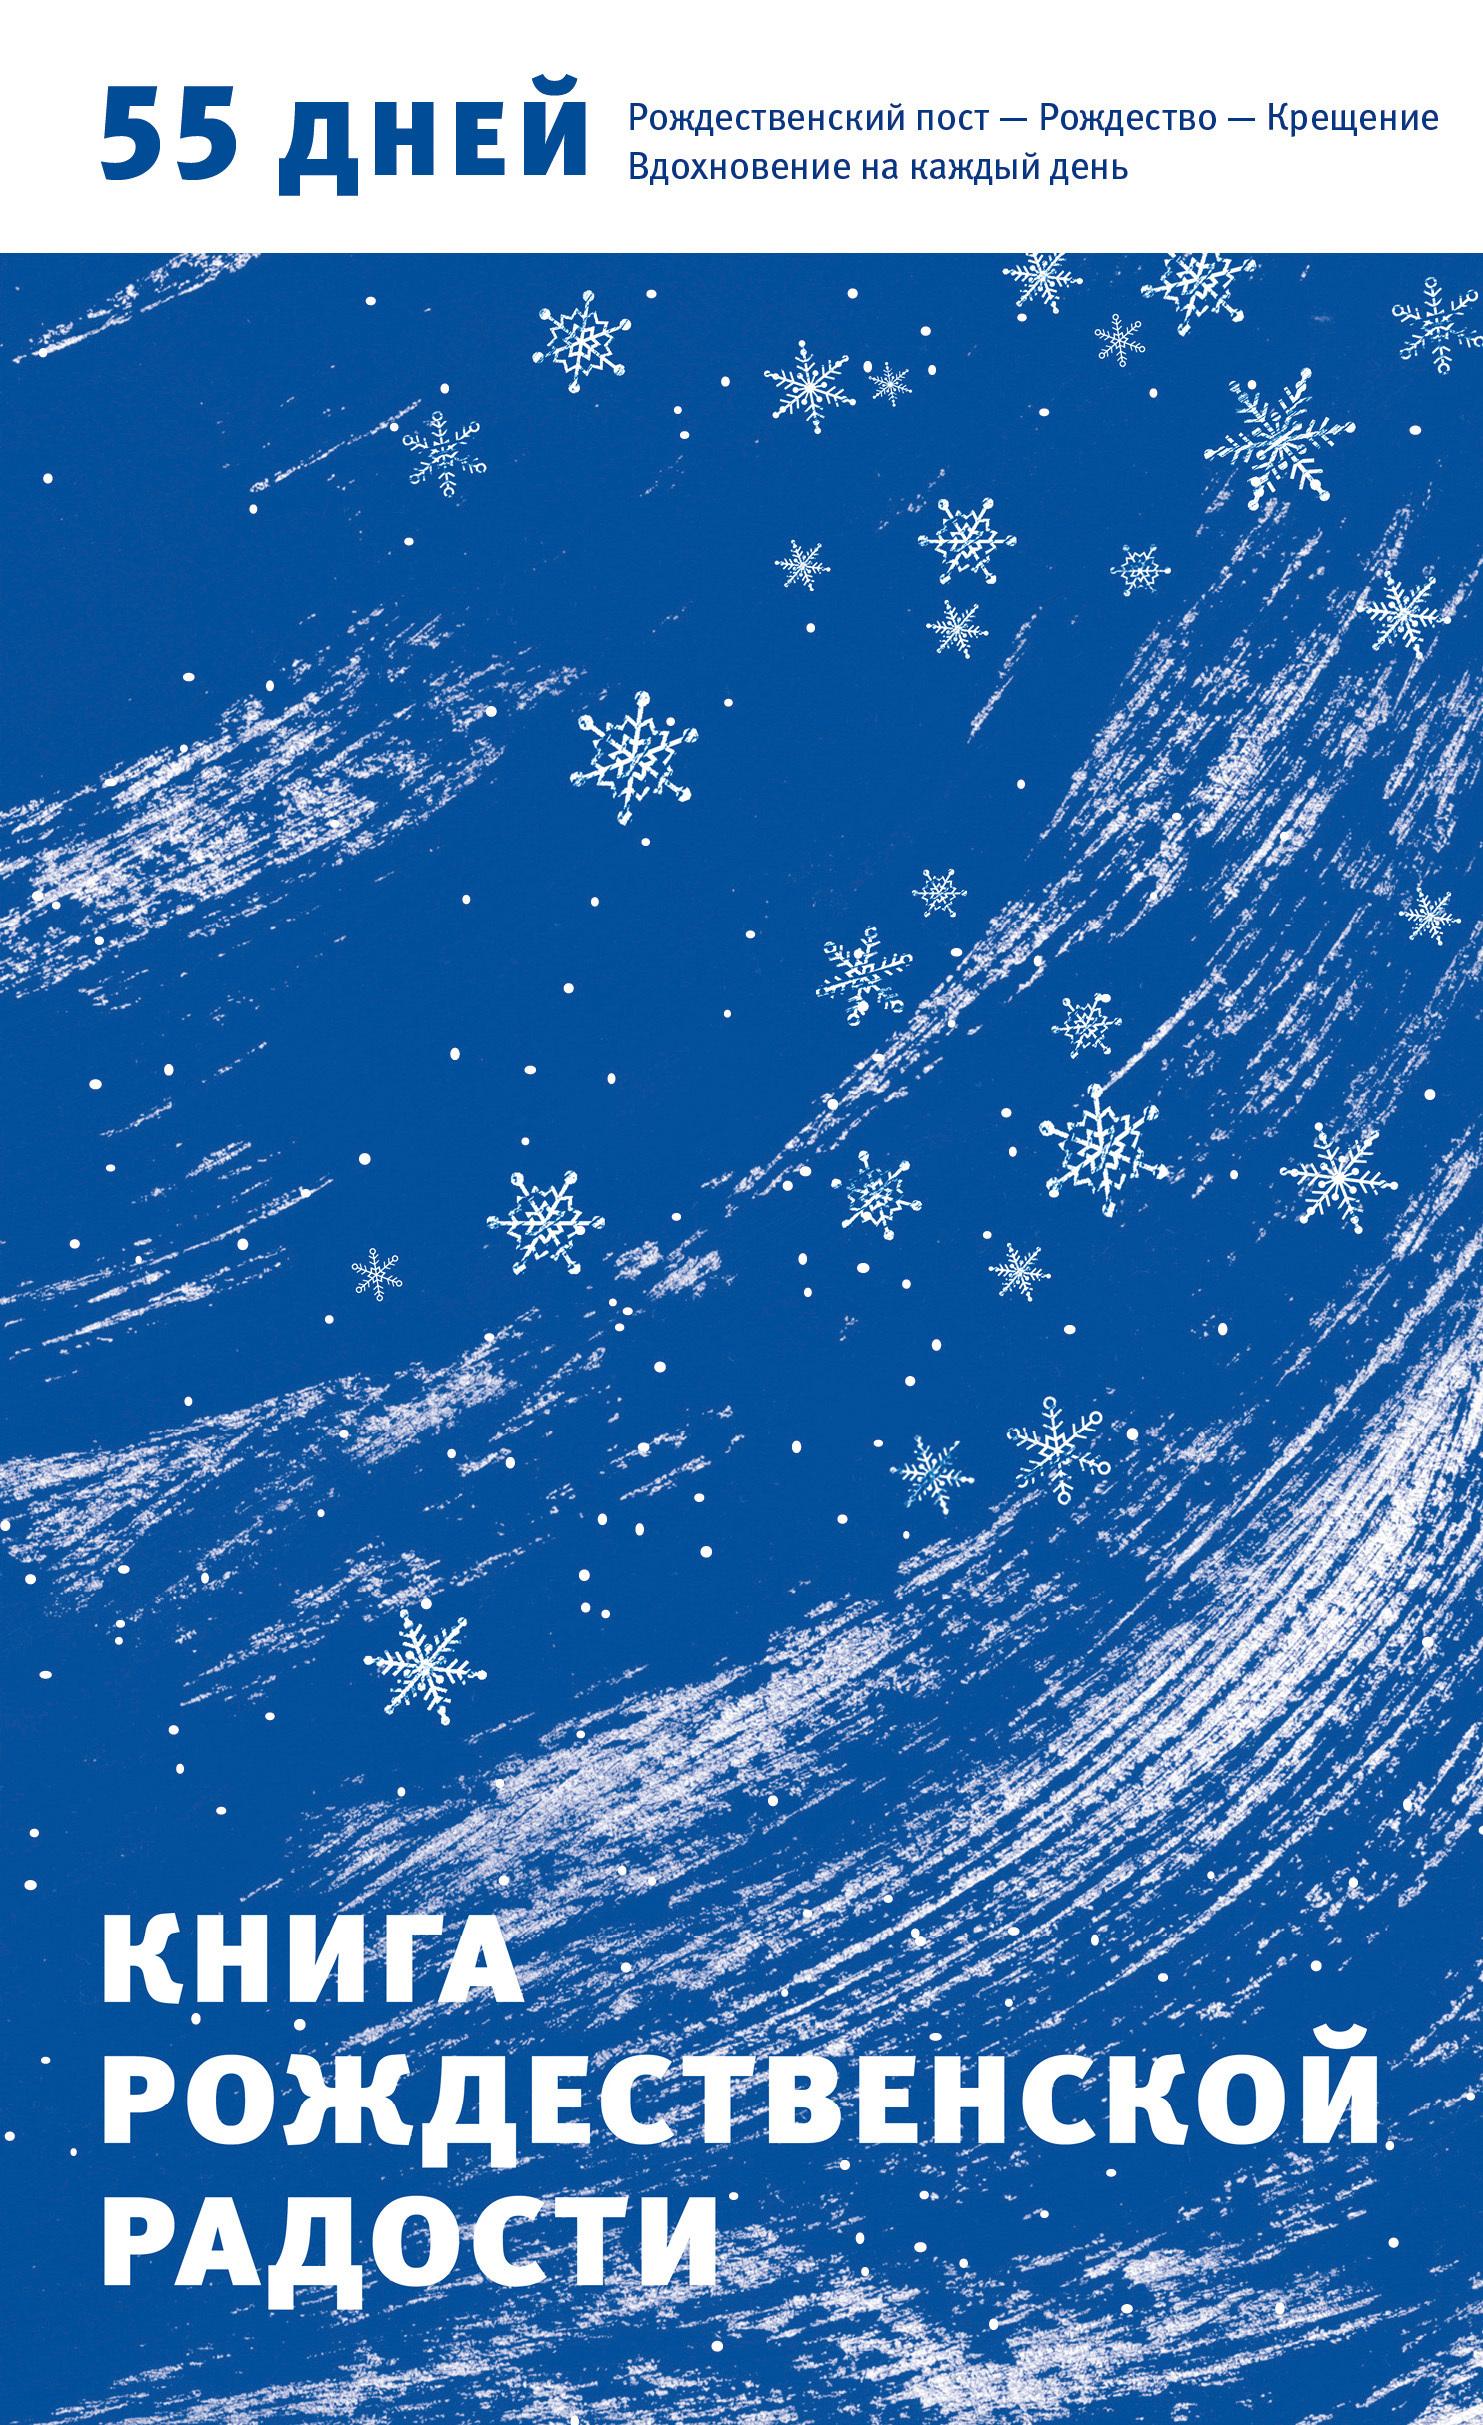 Александр Логунов - Книга Рождественской радости. 55 дней. Рождественский пост – Рождество – Крещение. Вдохновение на каждый день